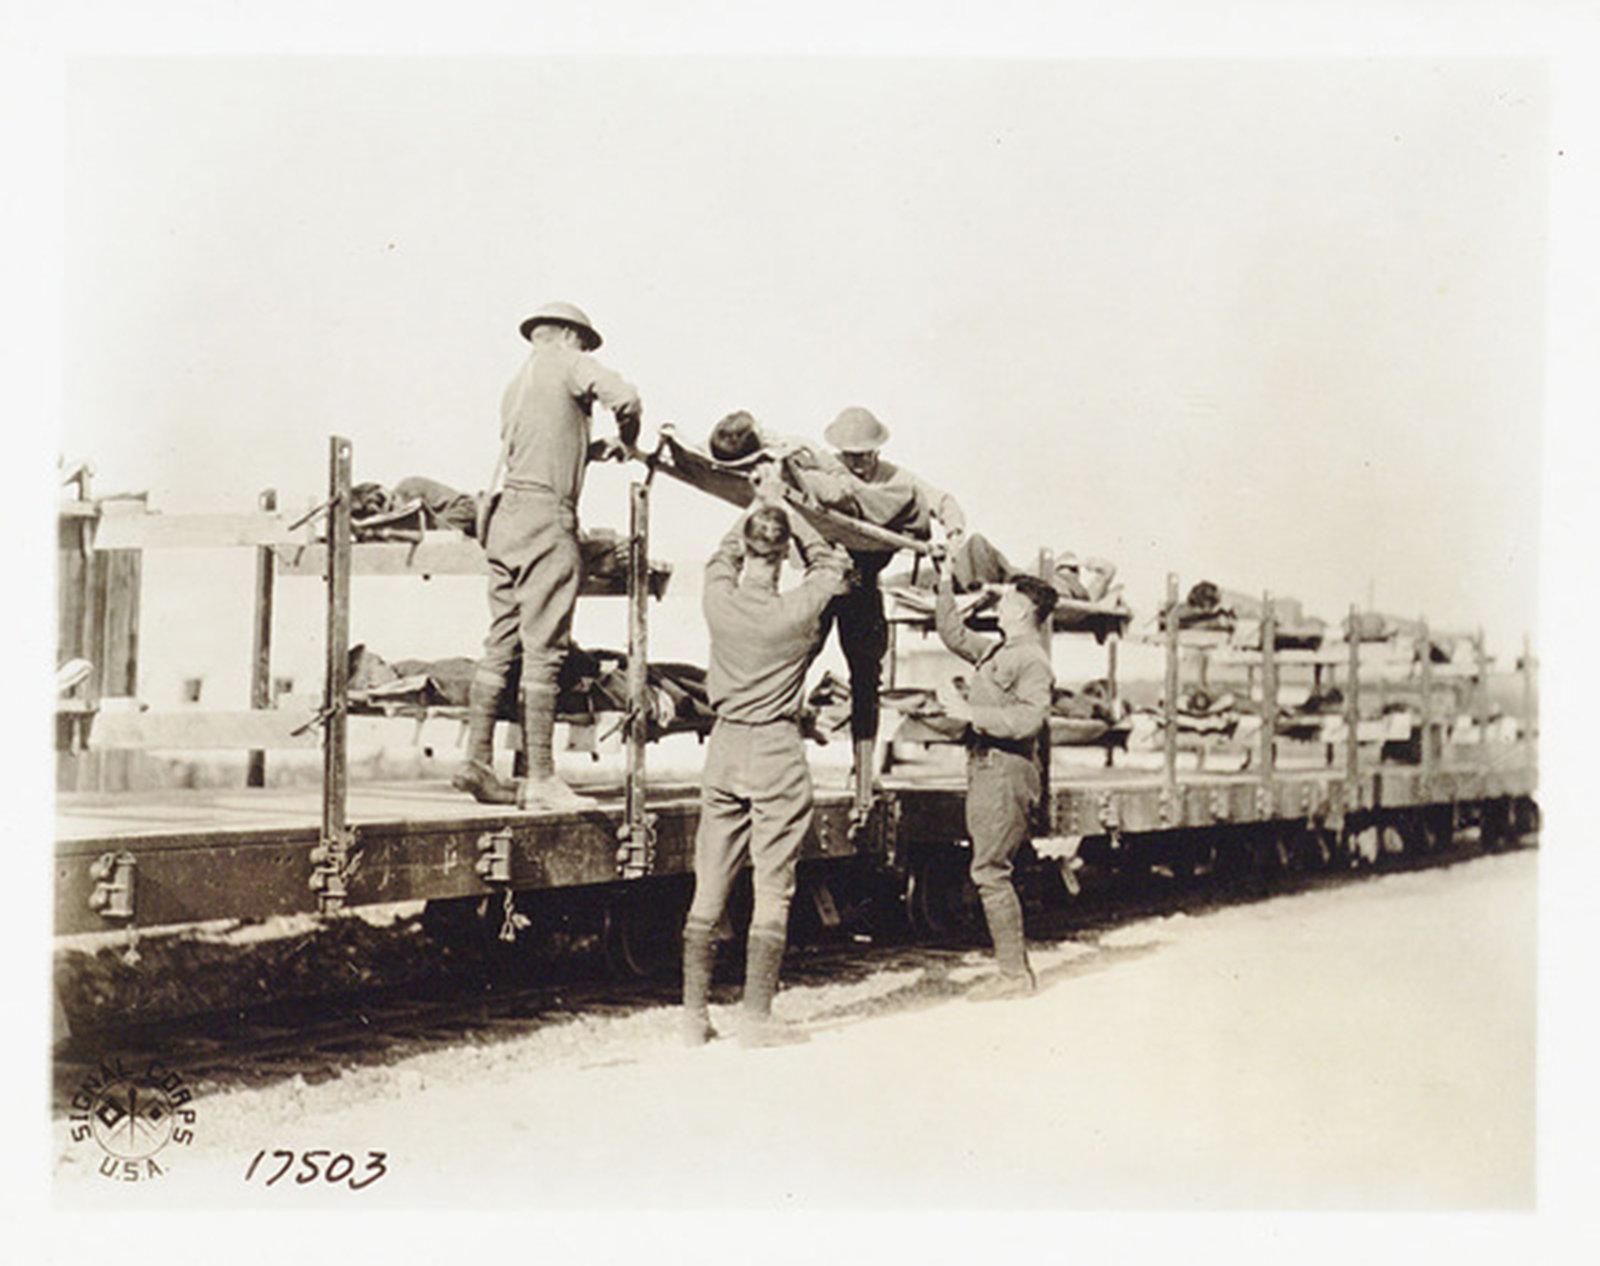 Un Treno per il trasporto dei feriti, 1918 Italien , Biblioteca Universitaria Alessandrina, In Copyright